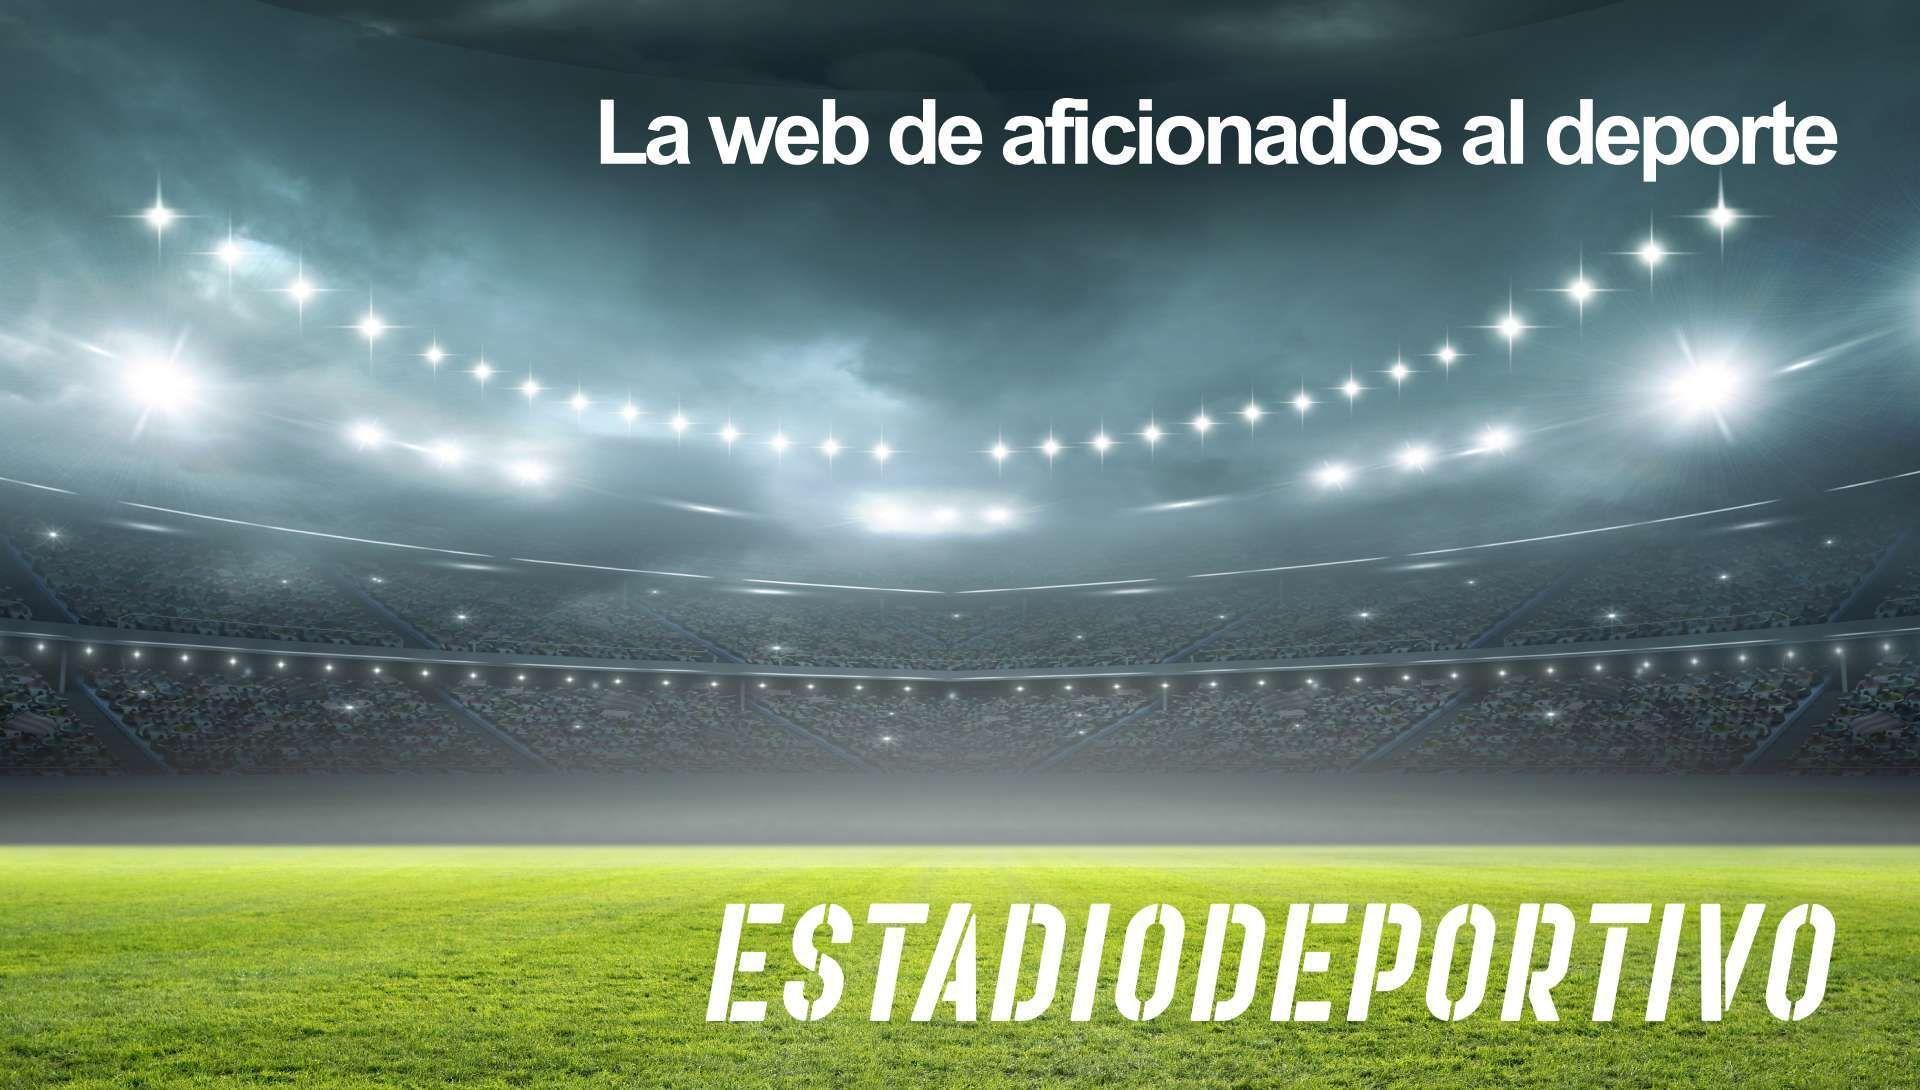 Las portadas del sábado 13 de marzo